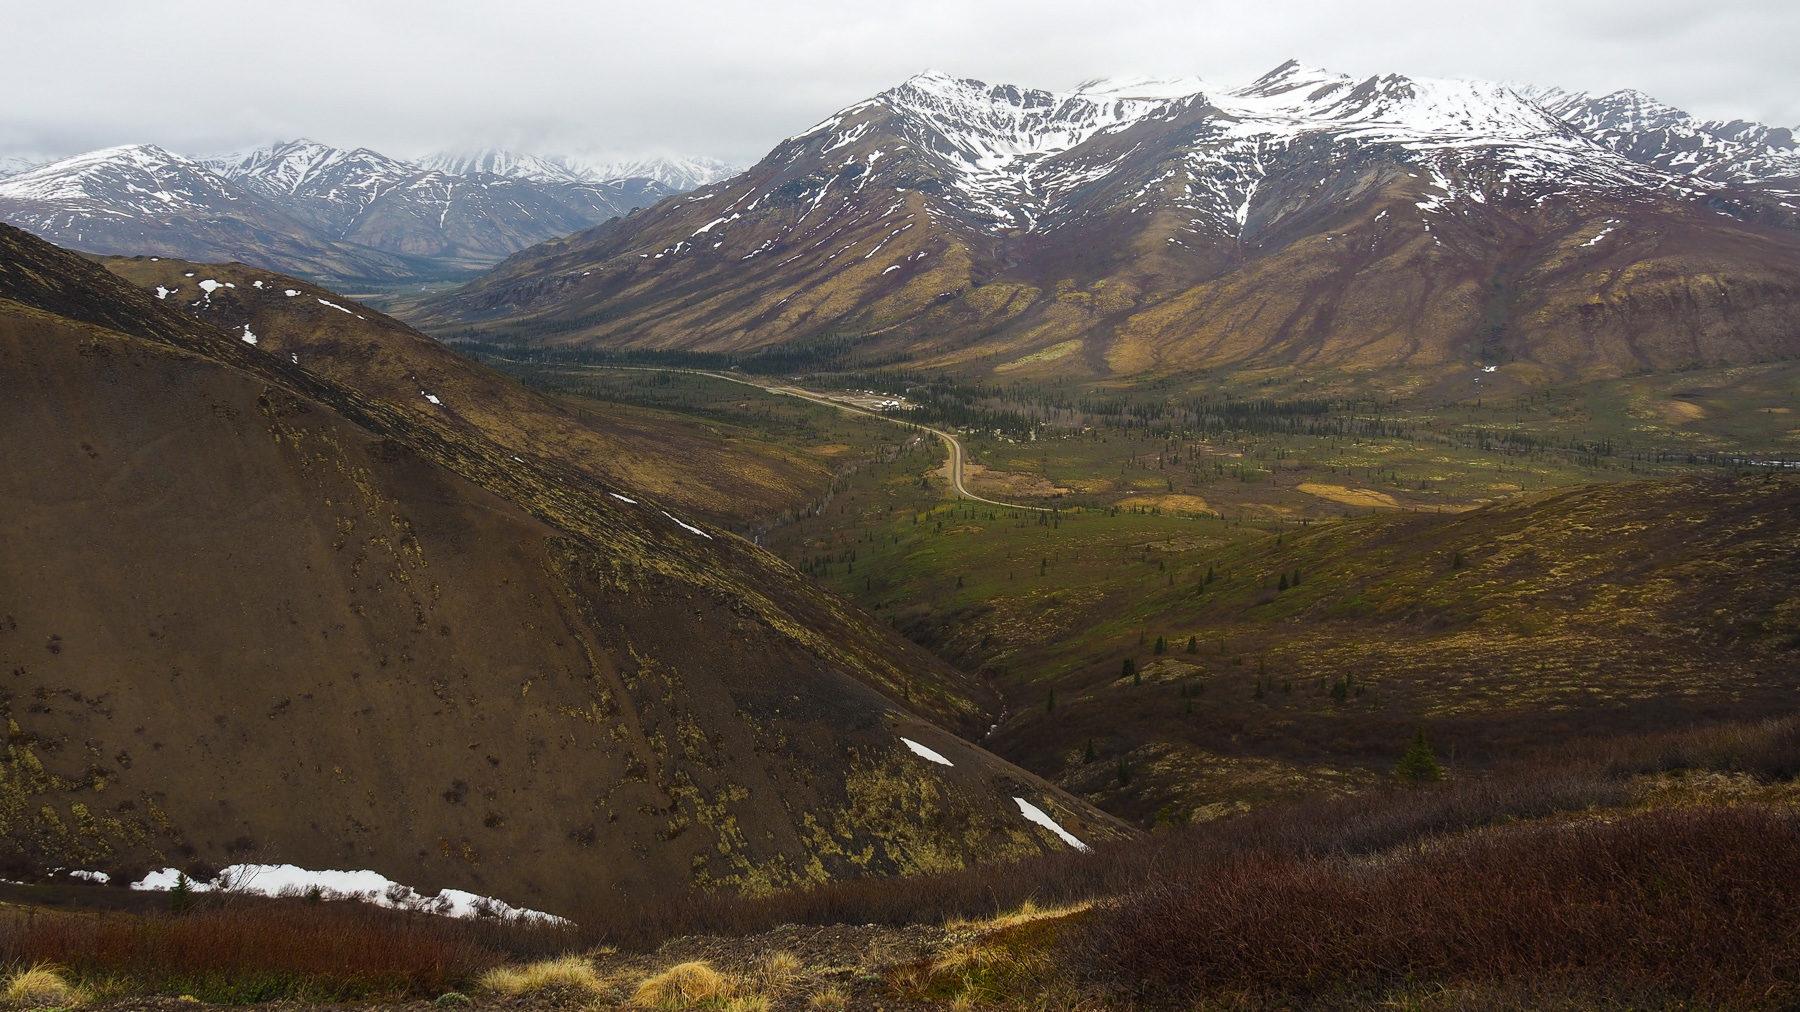 Tundra, Landschaft mit eigenem Reiz